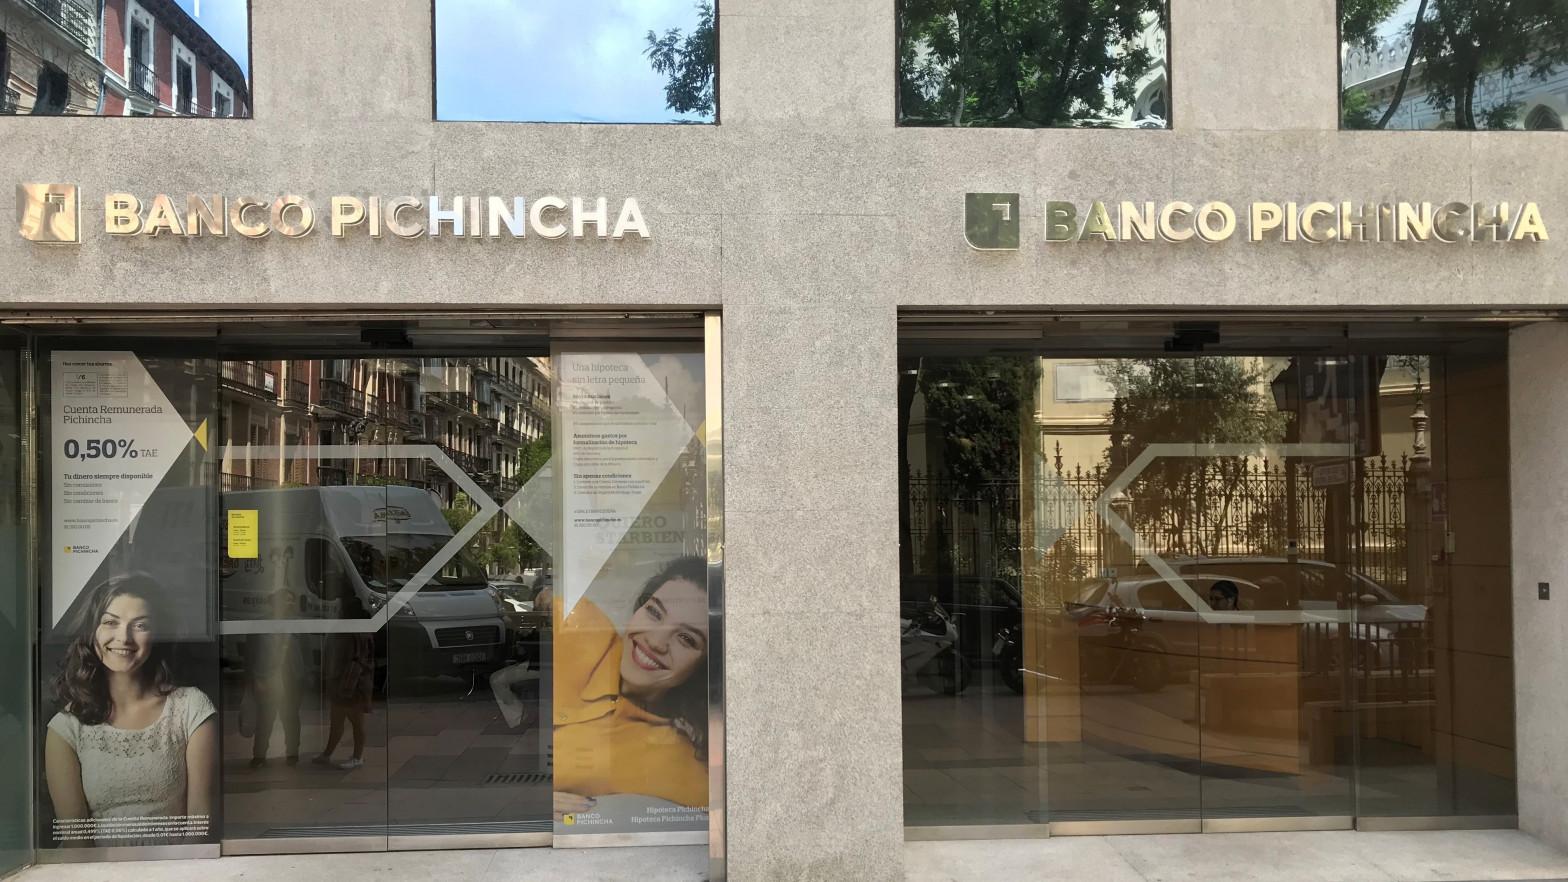 Pichincha, el banco ecuatoriano que opera en España, envuelto en un escándalo de blanqueo